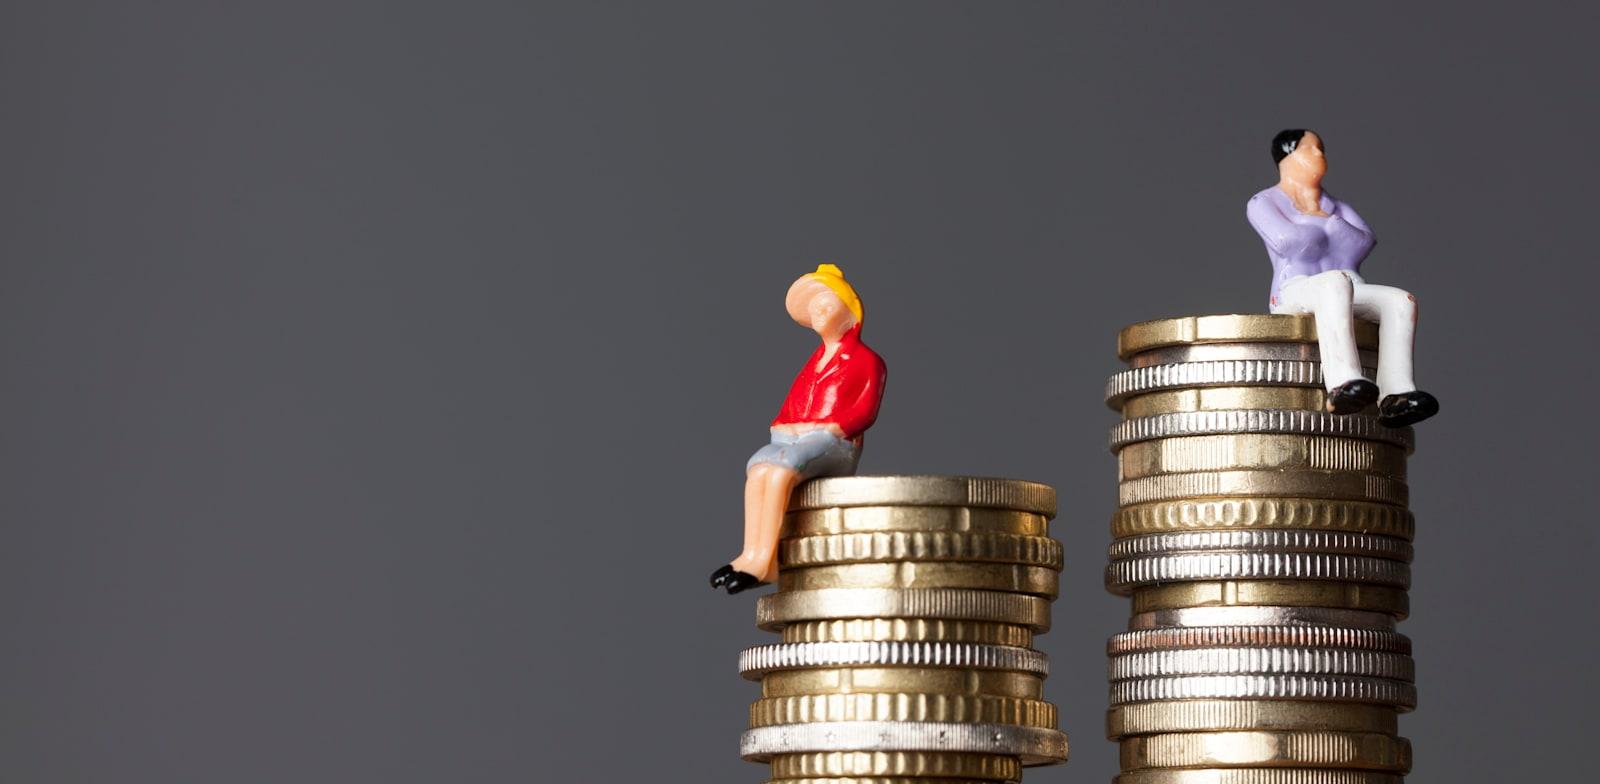 אם לא נשכיל עכשיו לעסוק בפערים האלו, מצב תעסוקת הנשים יחריף / אילוסטרציה: Shutterstock, Ink Drop